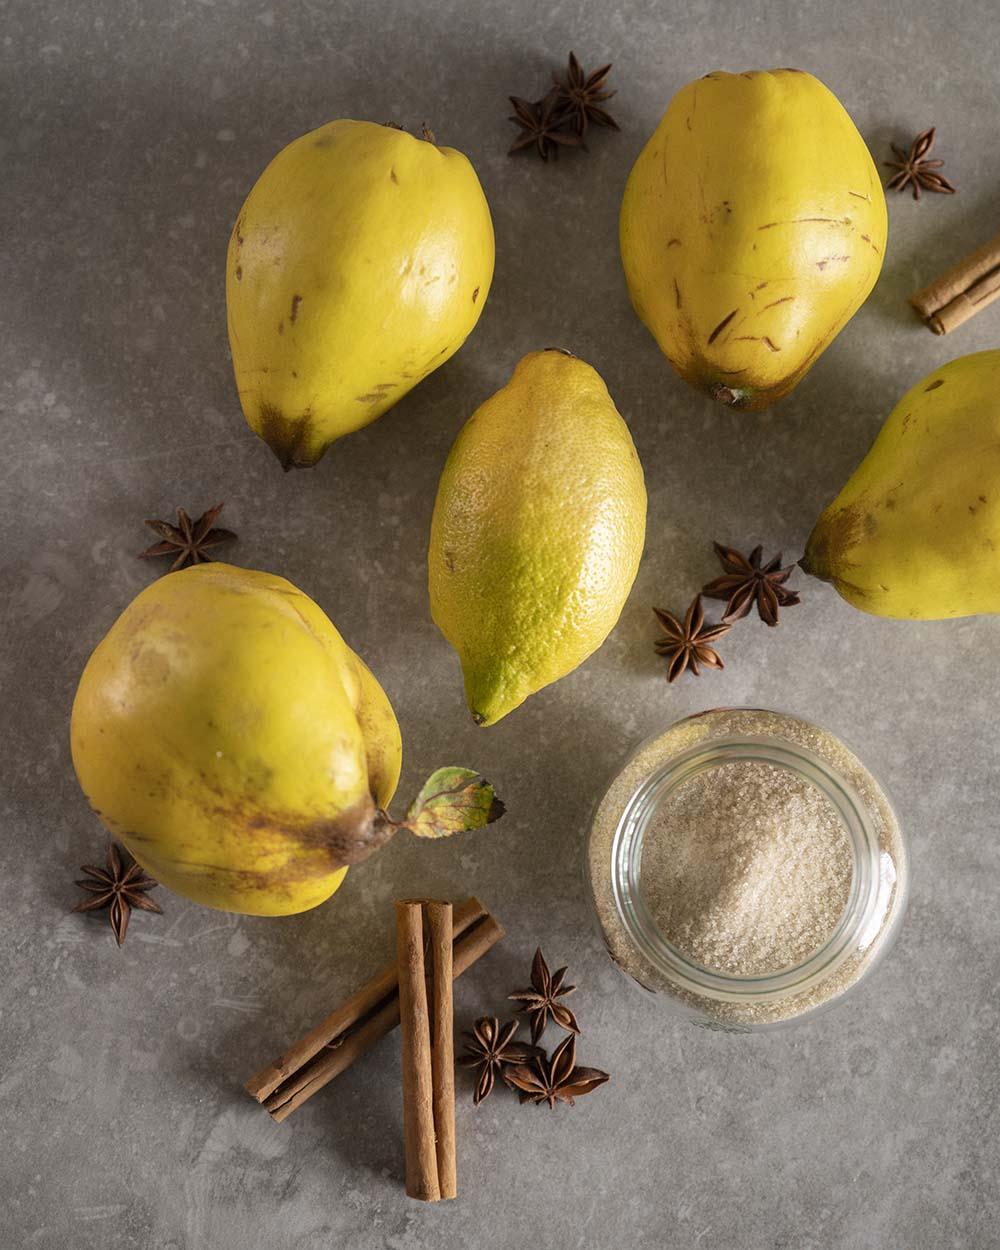 Zutaten für selbst gemachtes Quitten-Kompott: Zucker, Zitrone, frische Quitten, Zimtstangen und Sternanis